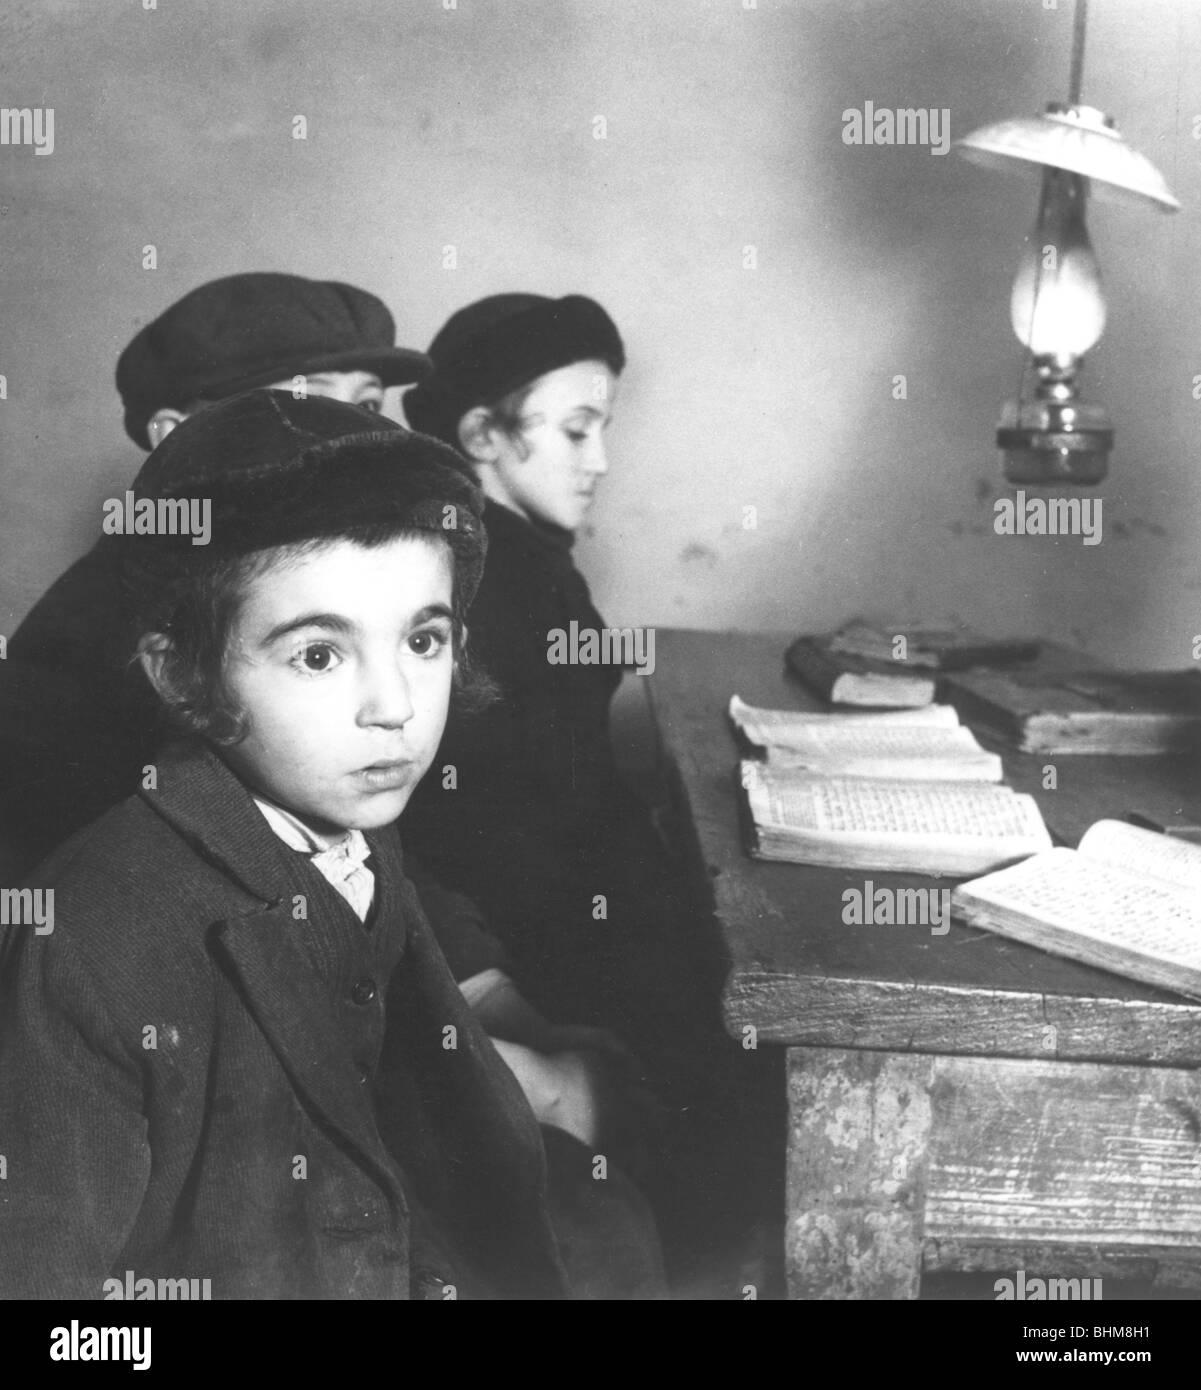 Polish Jewish children, 1938. Artist: Roman Vishniac - Stock Image